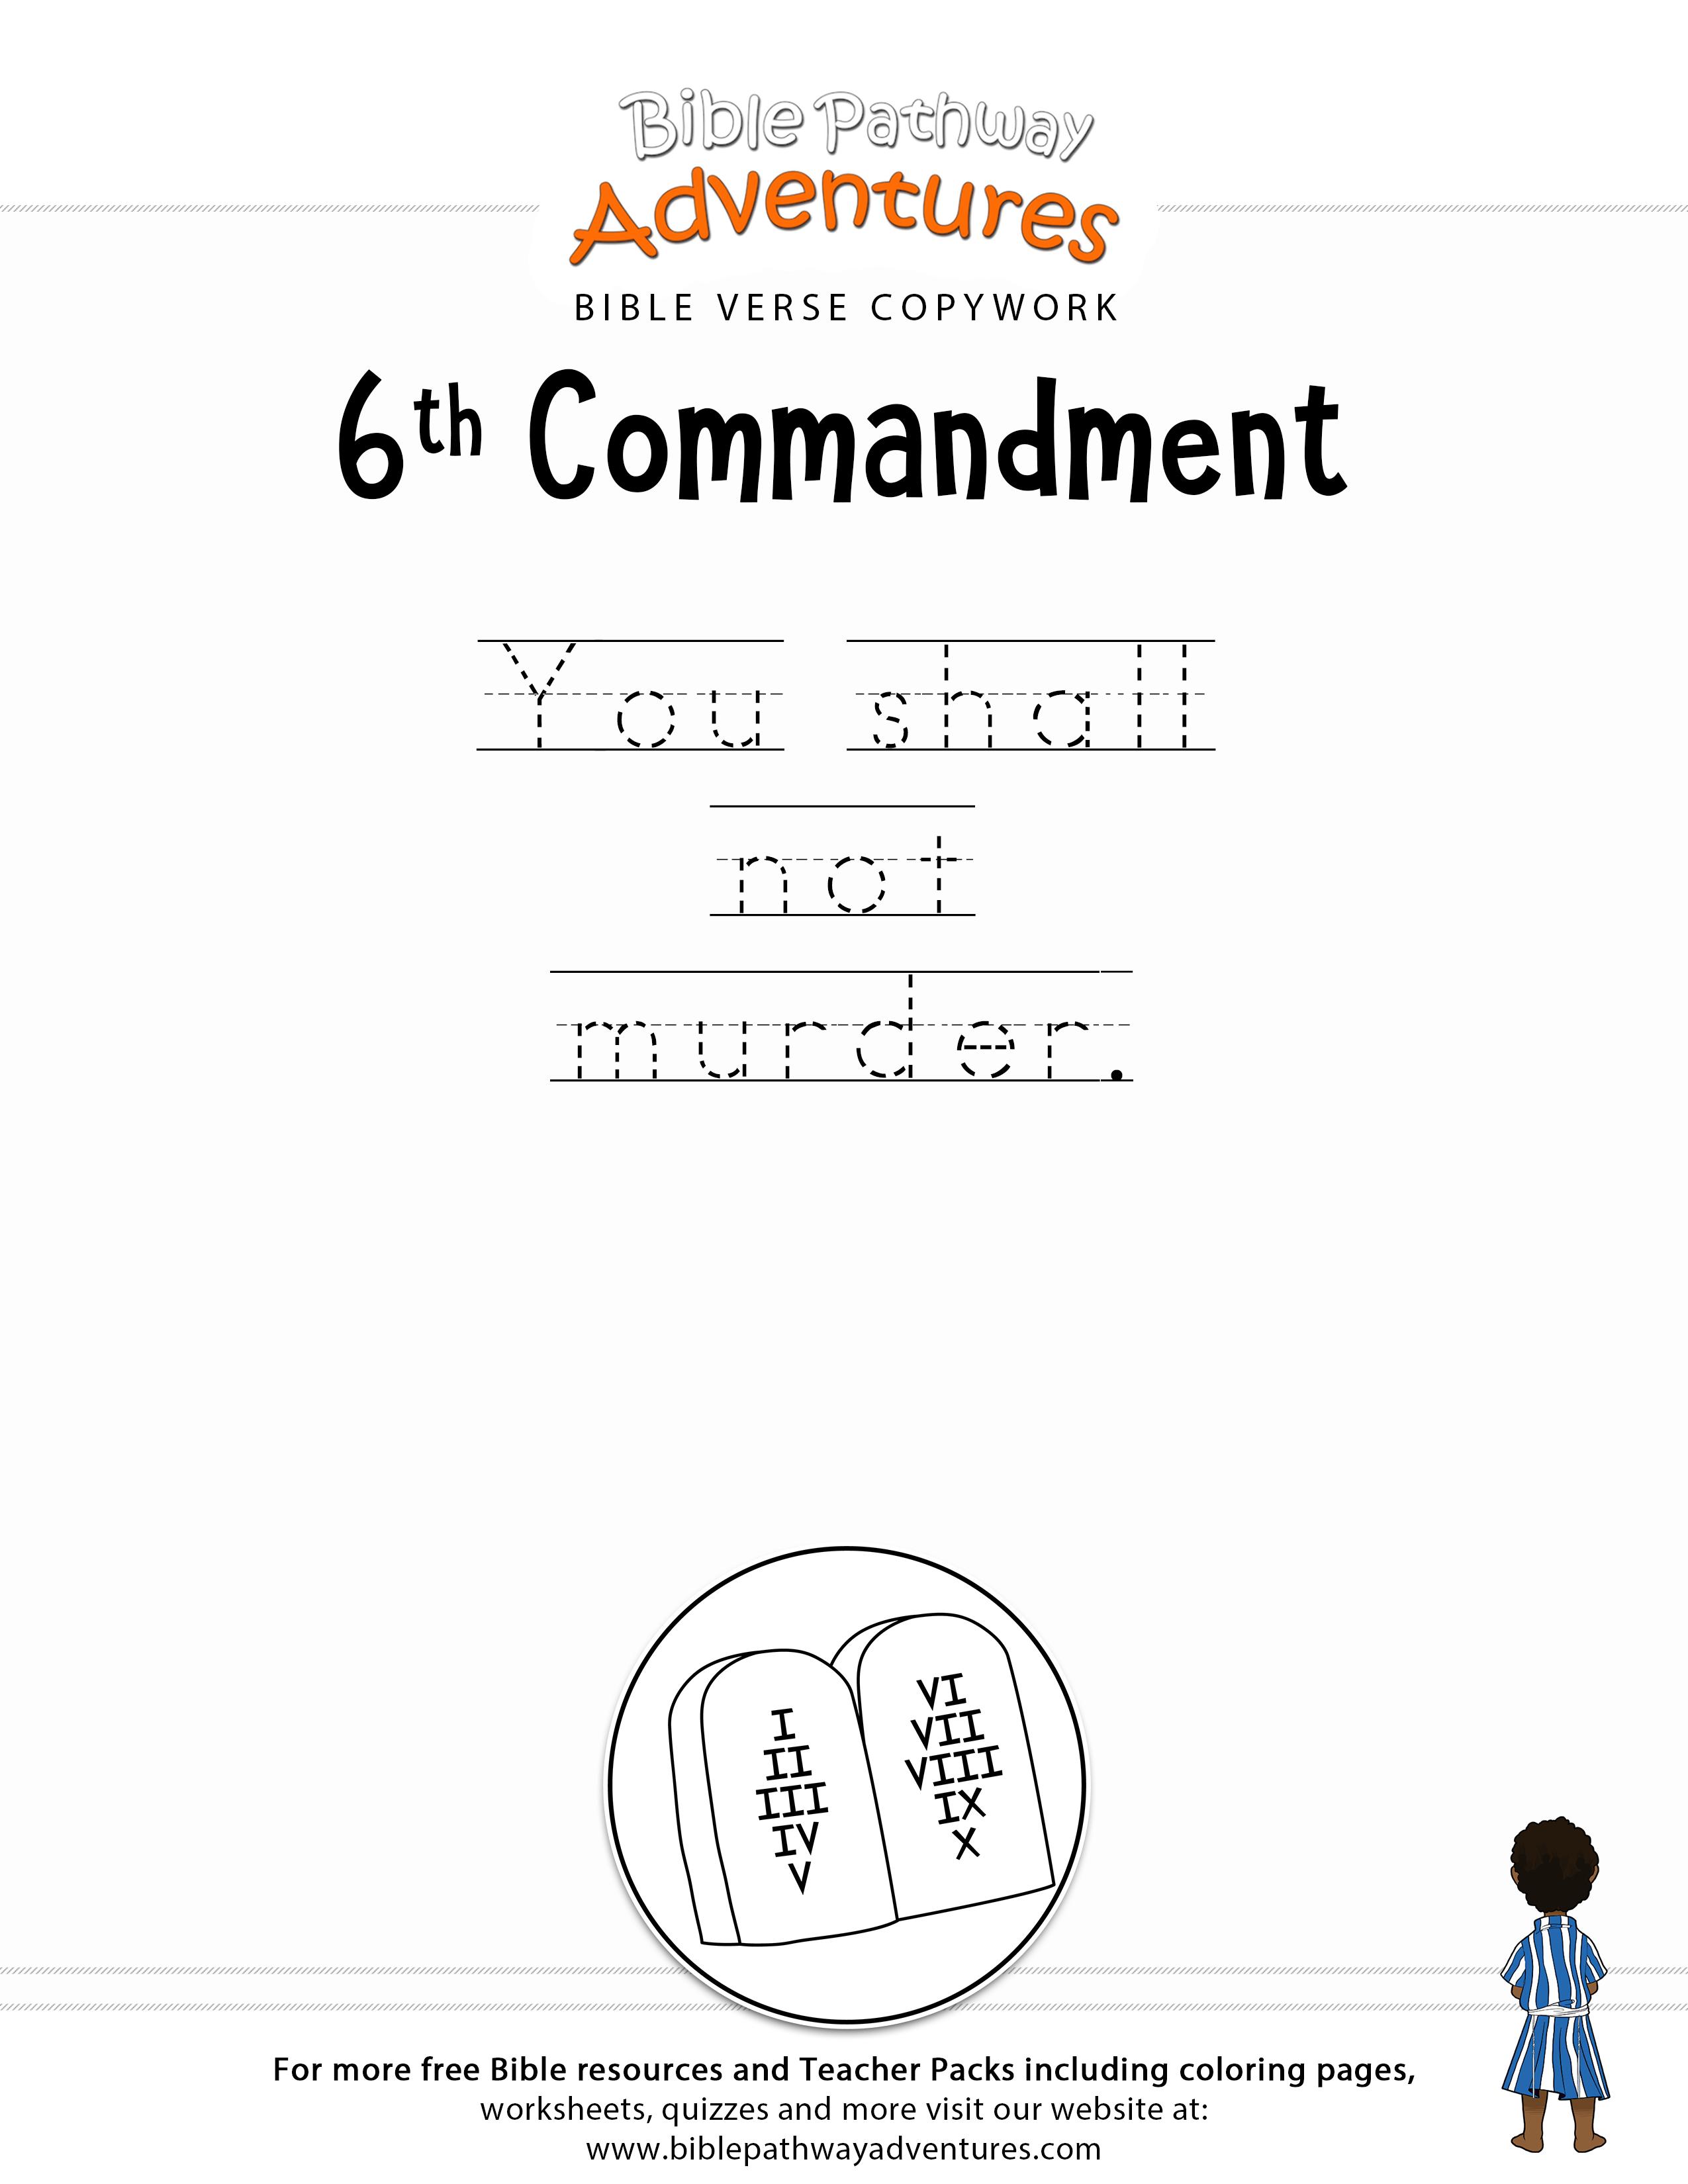 Ten Commandments Copywork 6th Commandment